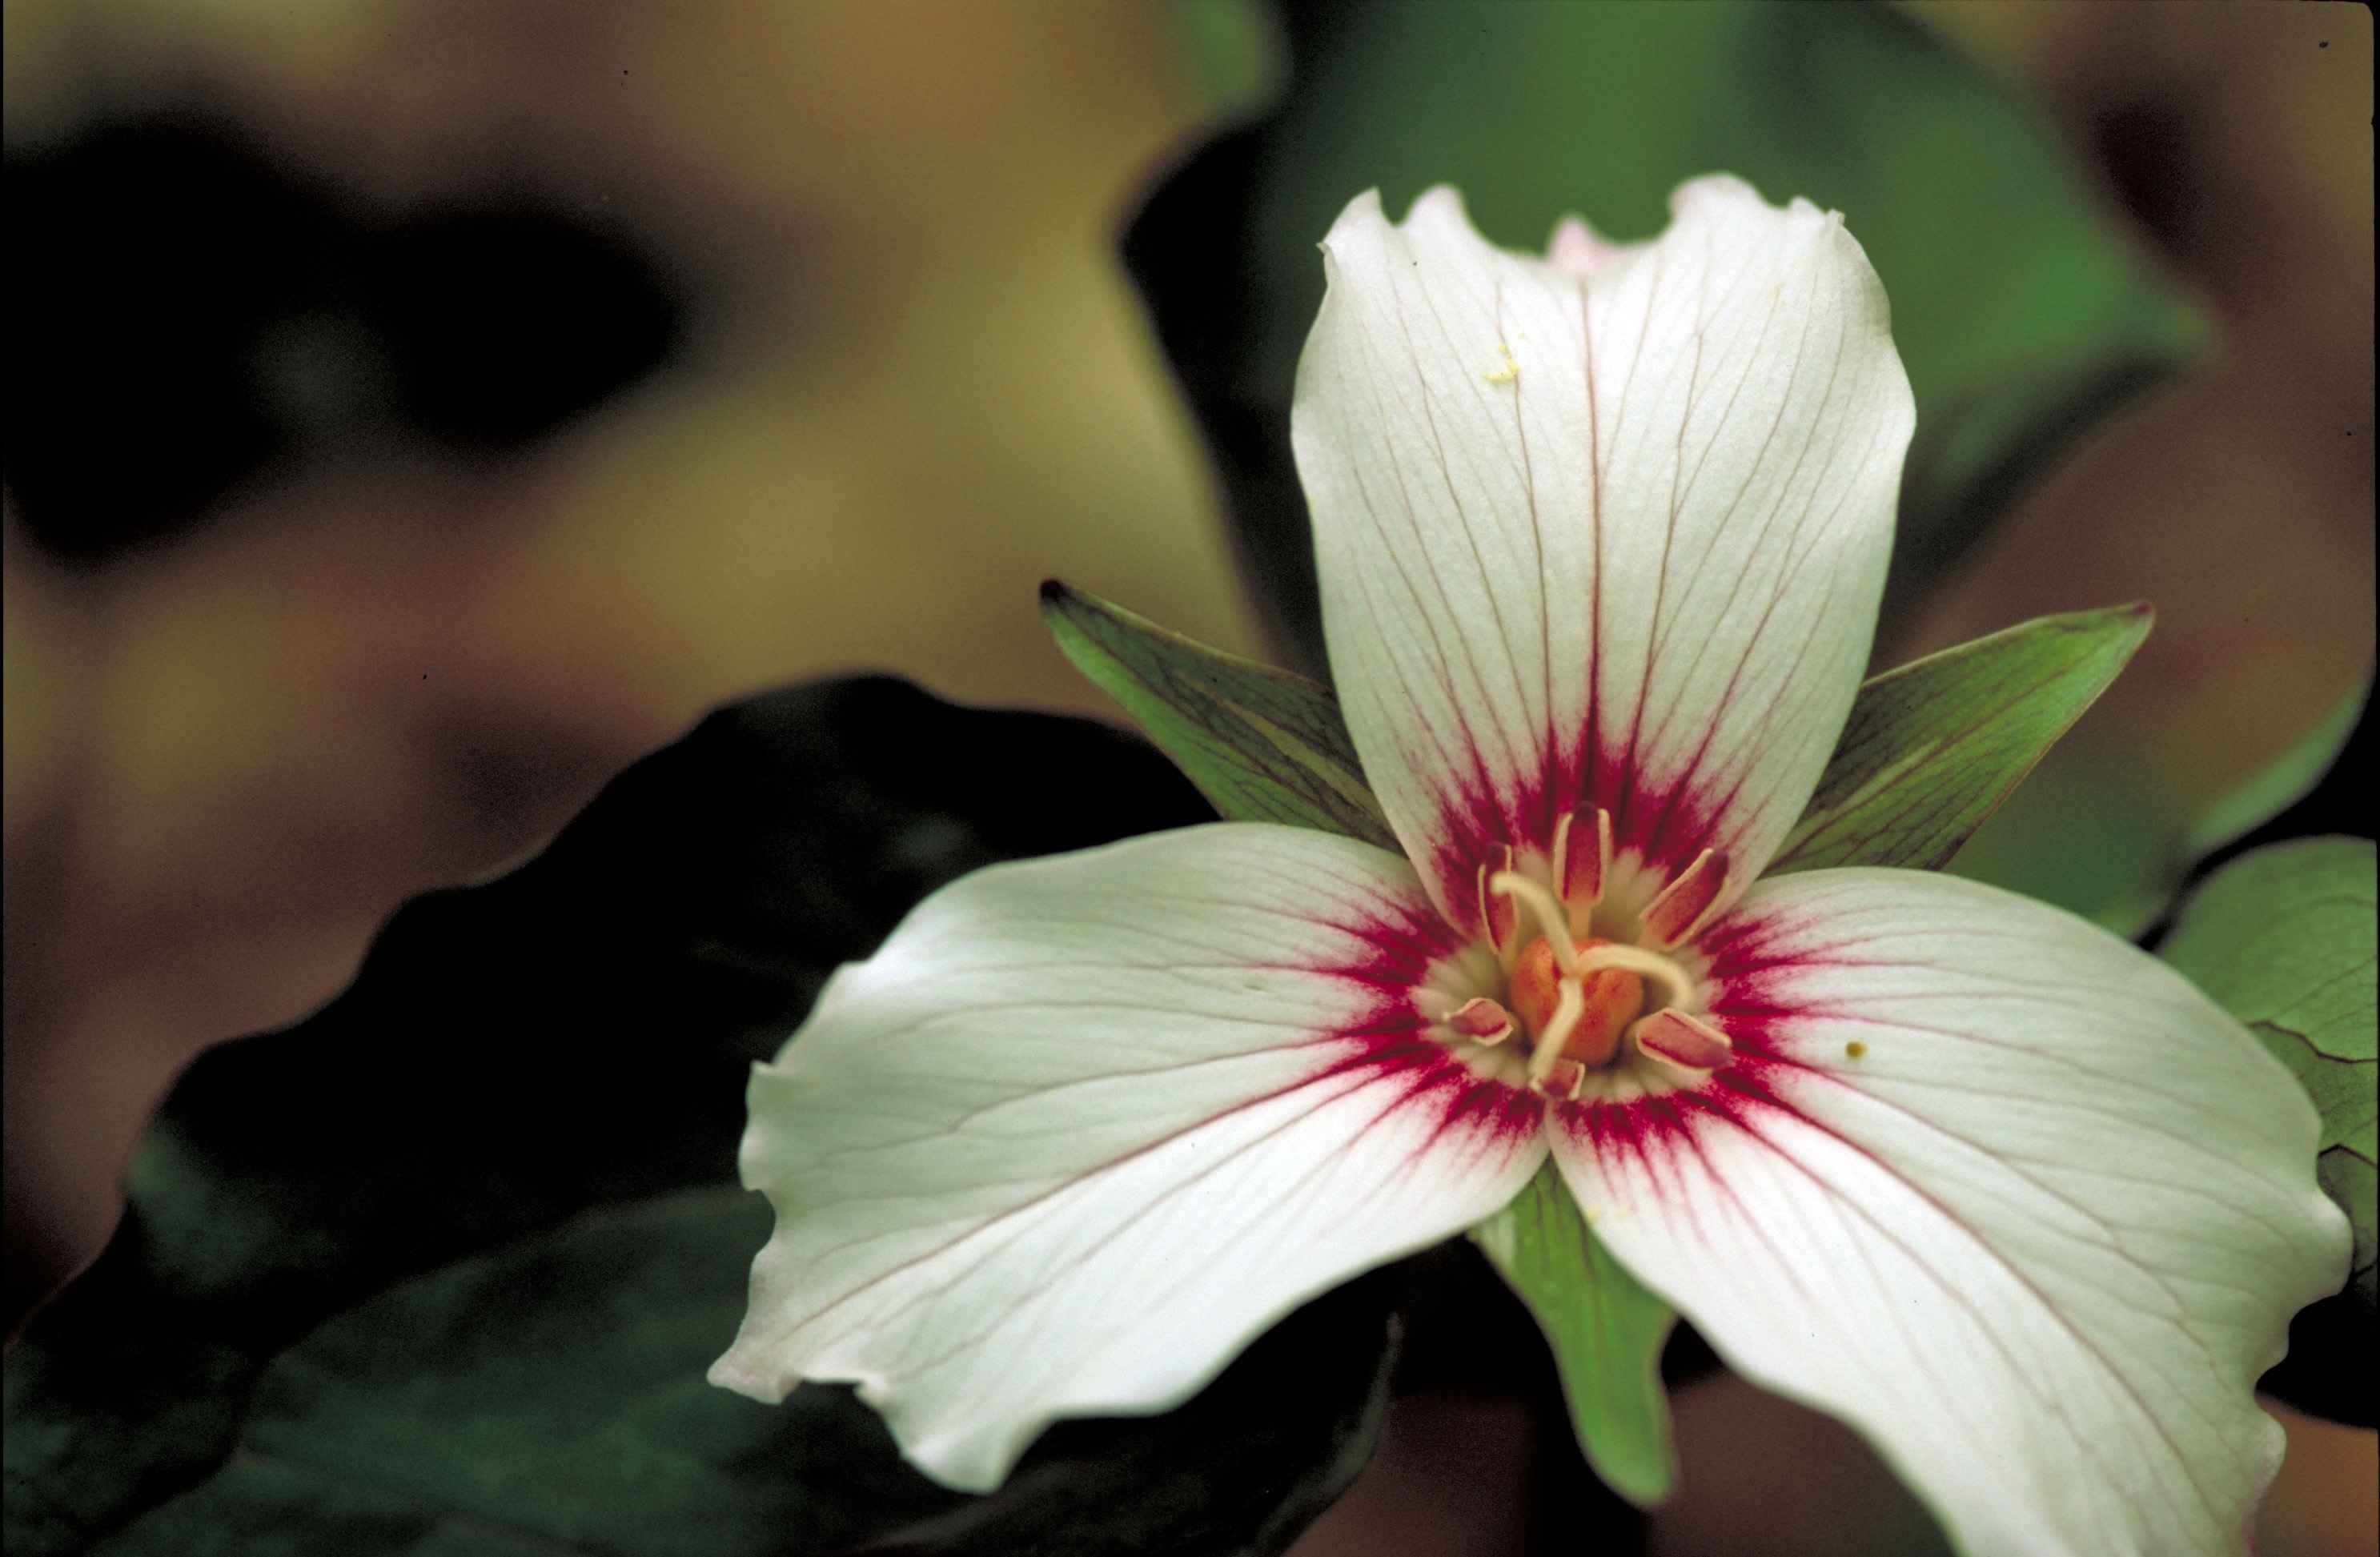 Description Trillium undulatum (painted trillium) FWS-1.jpg: commons.wikimedia.org/wiki/File:Trillium_undulatum_(painted...